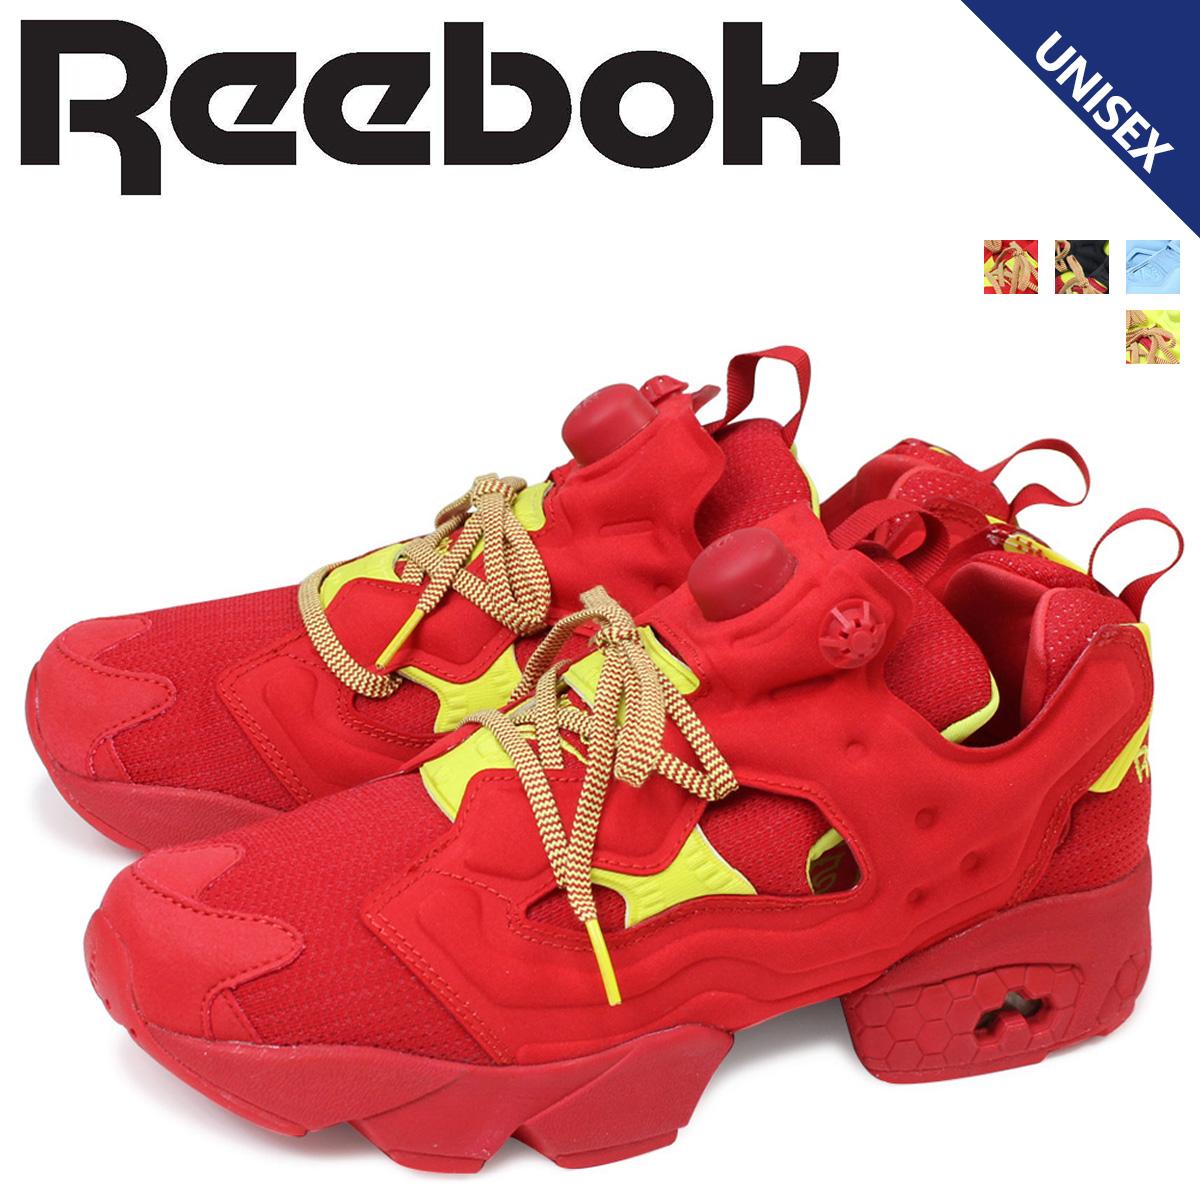 Reebok ポンプフューリー スニーカー リーボック INSTAPUMP FURY メンズ レディース AR3497 AR3498 AR3499 AR3573 靴